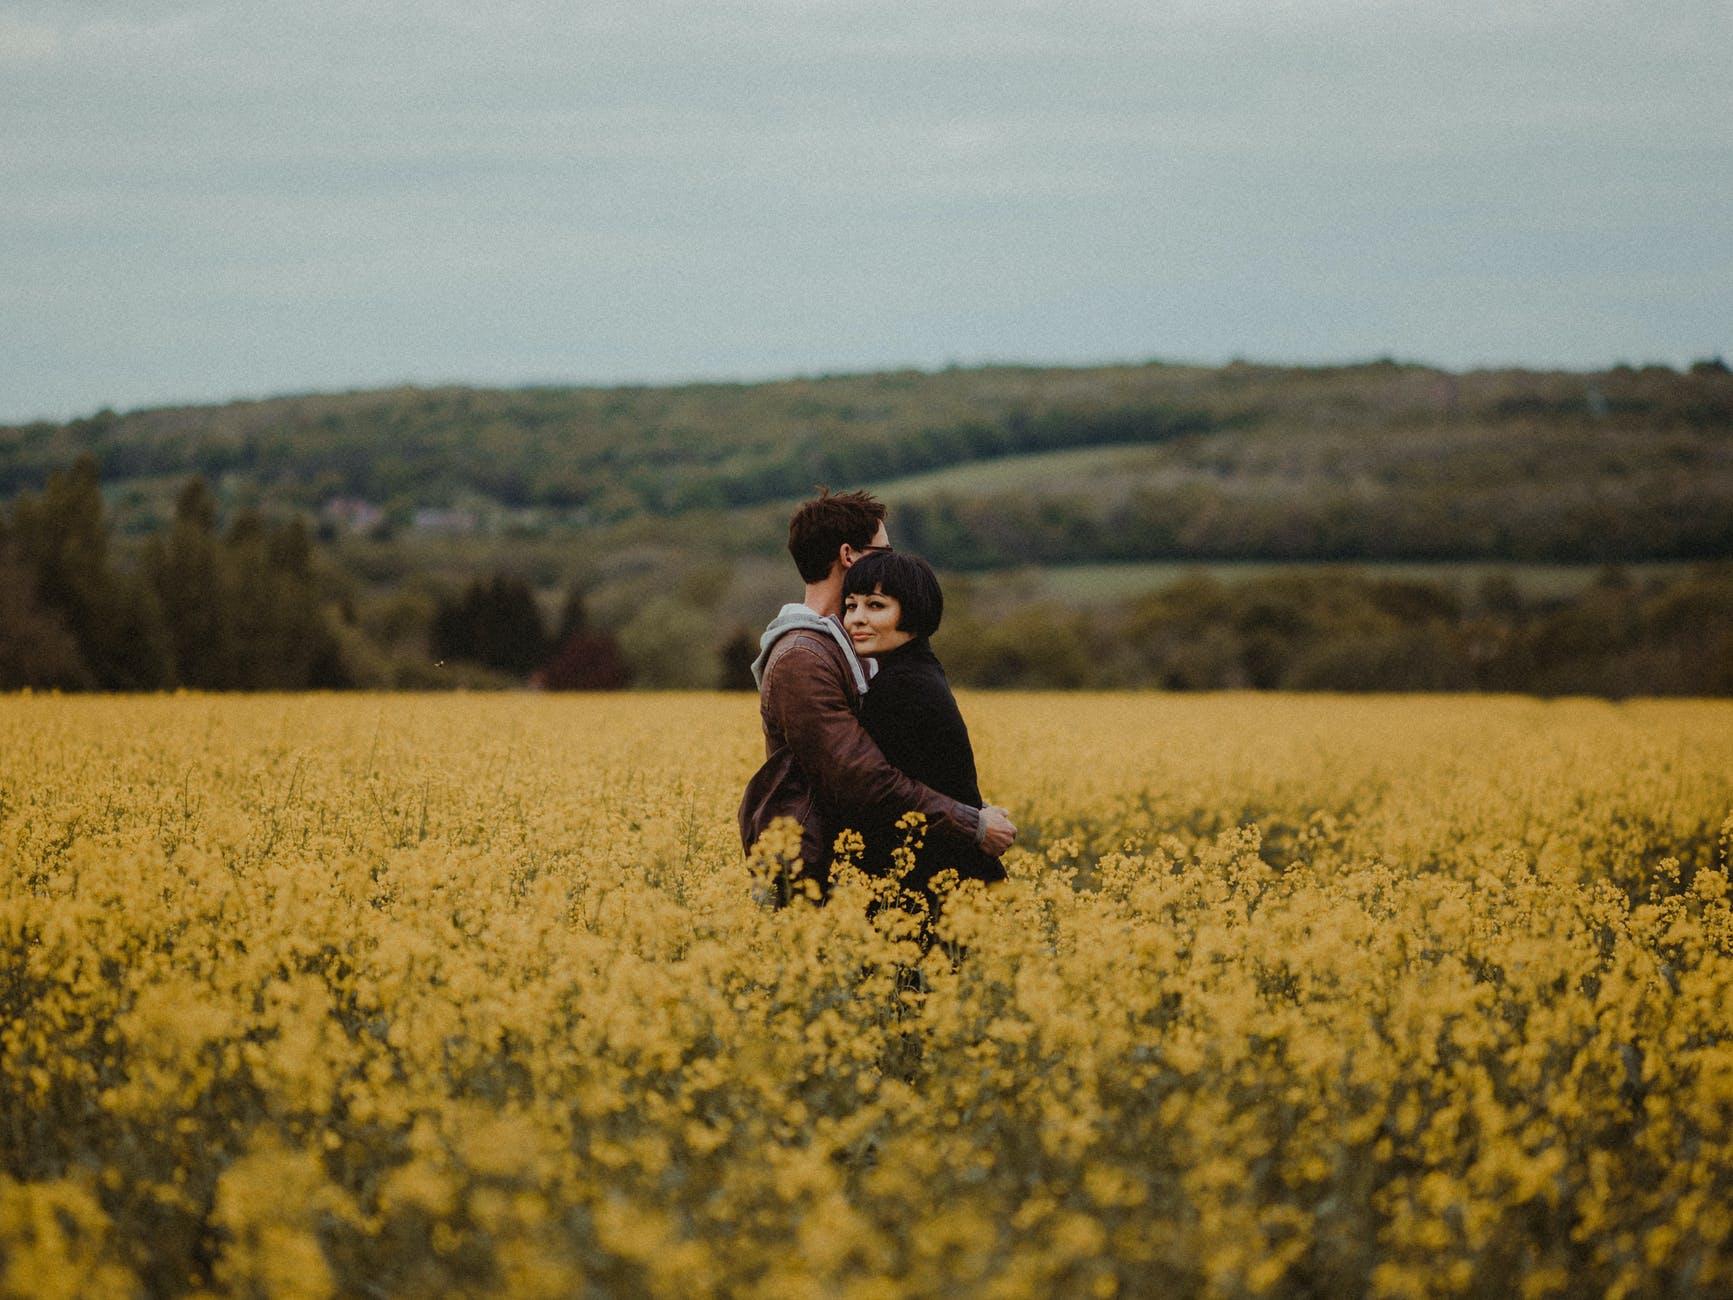 女人背叛婚姻的代价:那个疼爱我的丈夫,现在只拿我当过日子的人